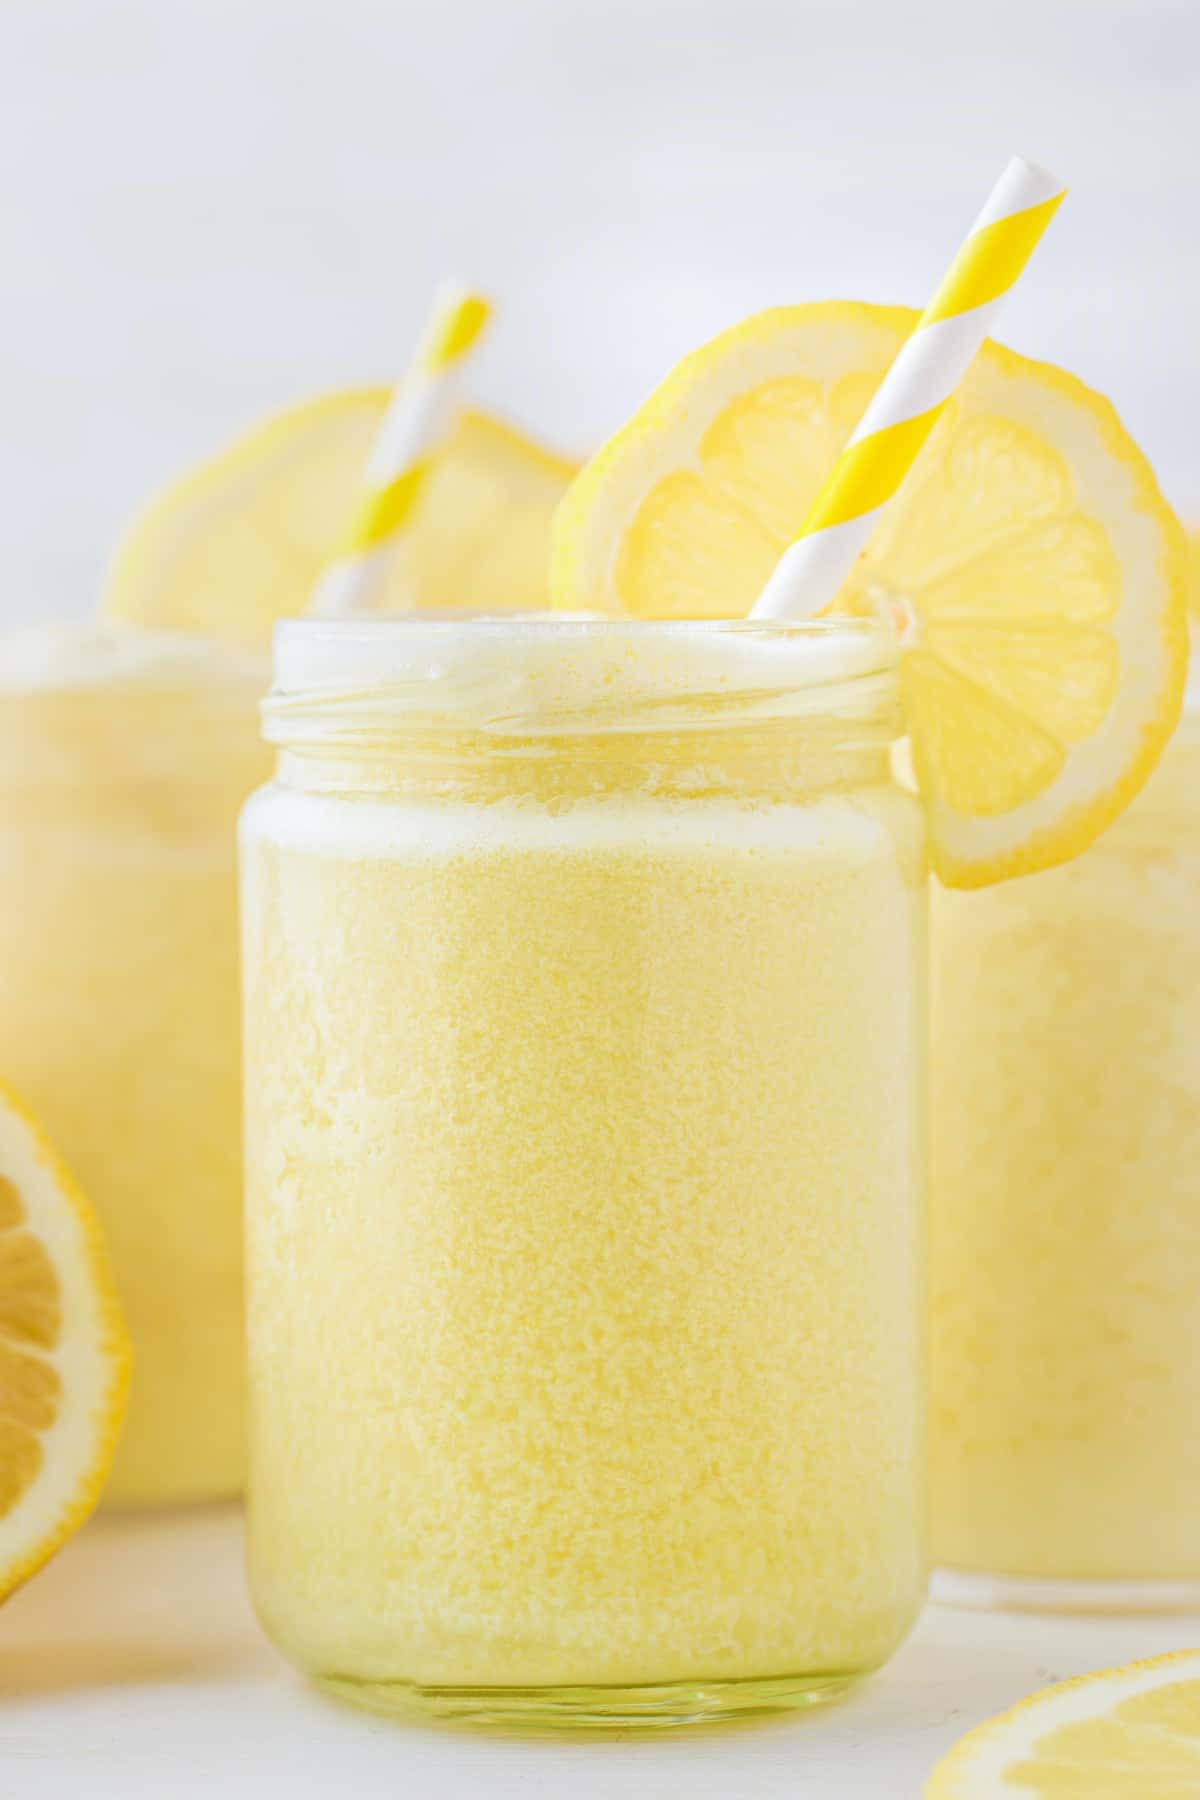 frozen lemonade in a glass